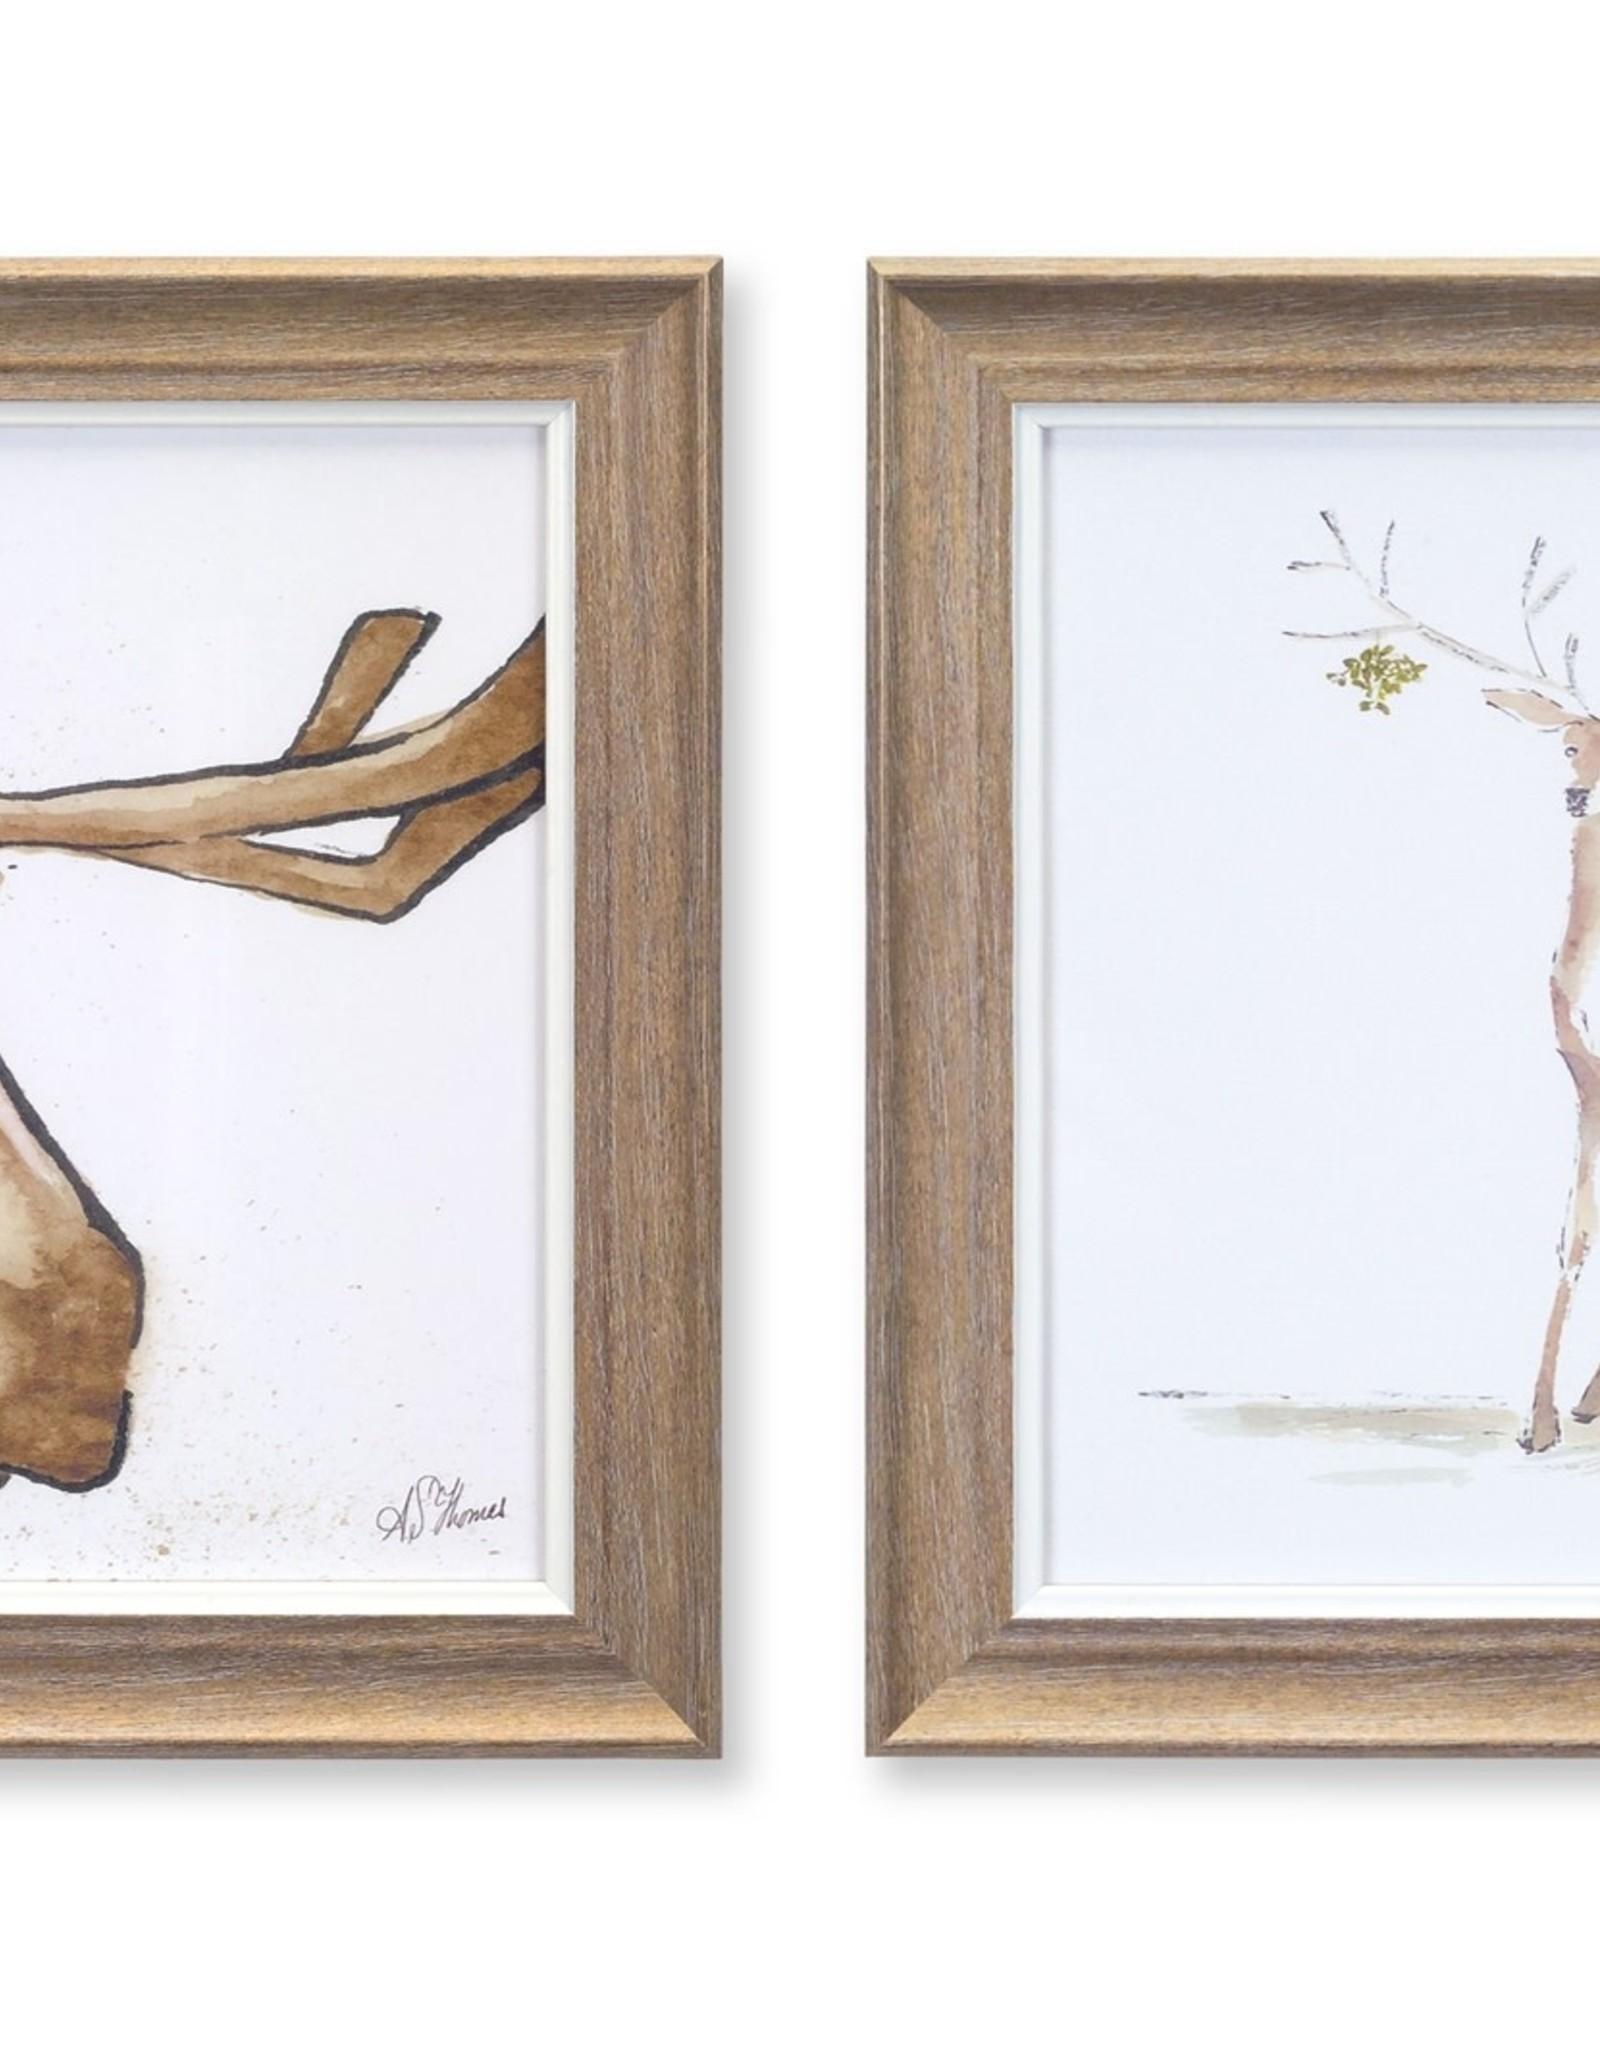 Moose and Deer Print